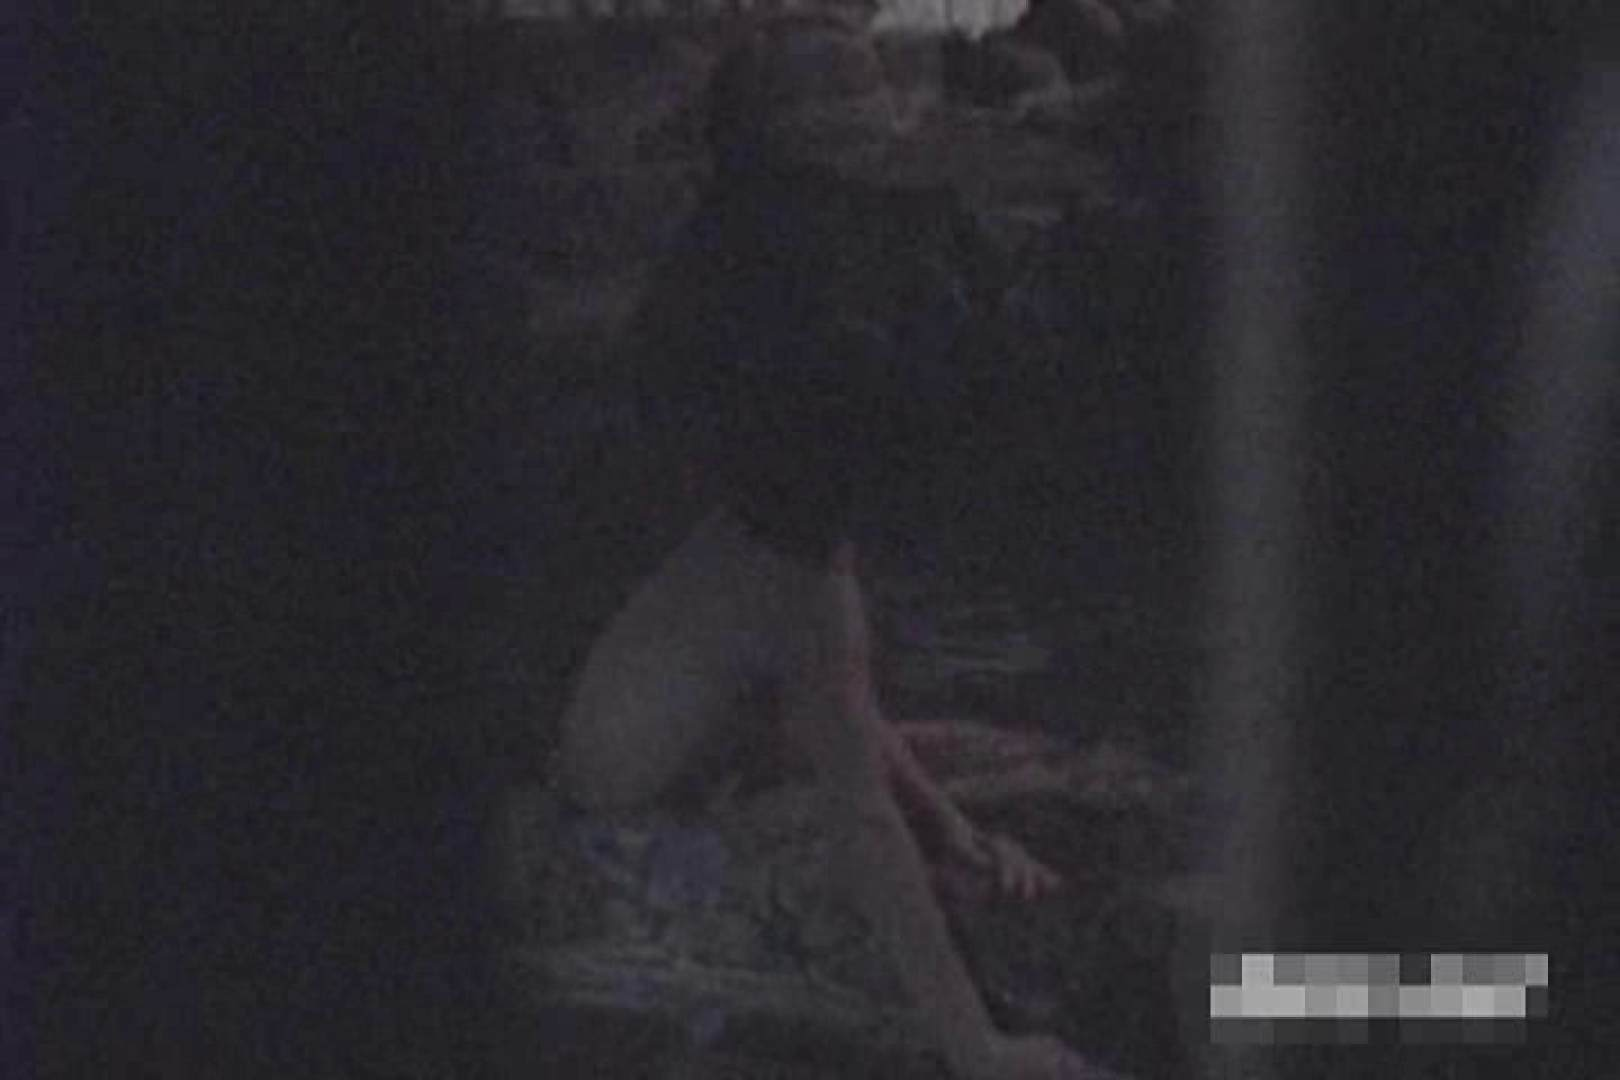 深夜の撮影会Vol.4 露天でもろだし SEX無修正画像 59画像 20